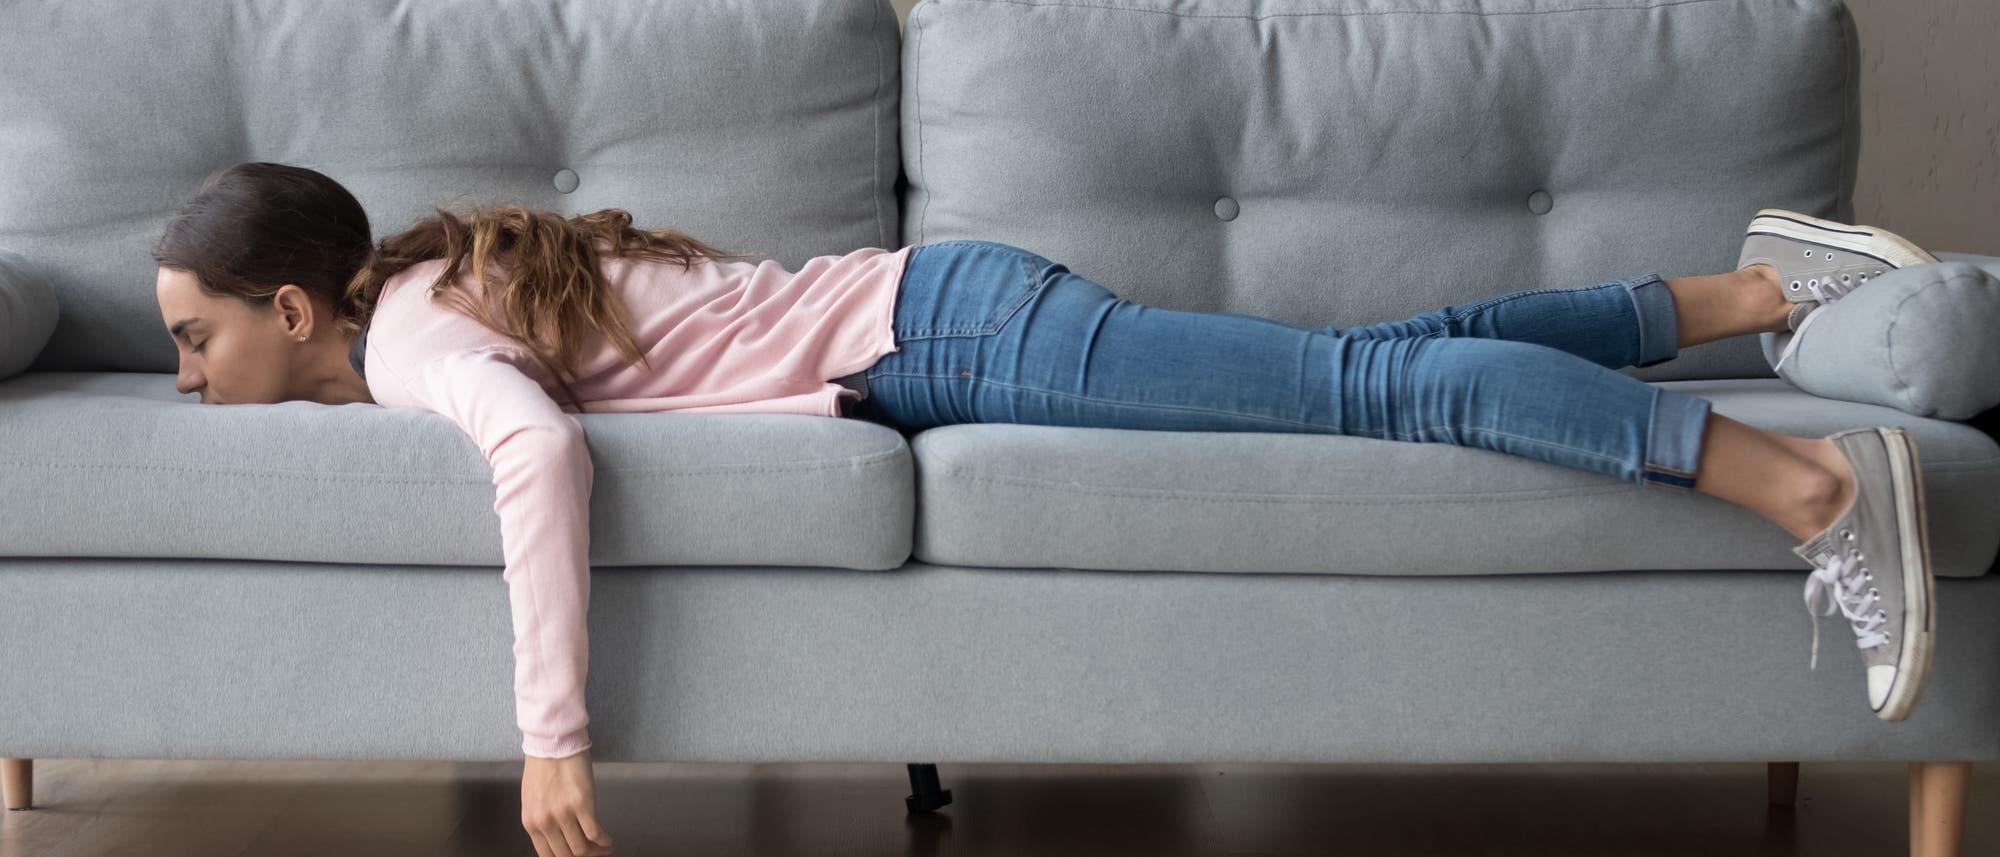 Junge Frau liegt bäuchlings auf dem Sofa und schläft